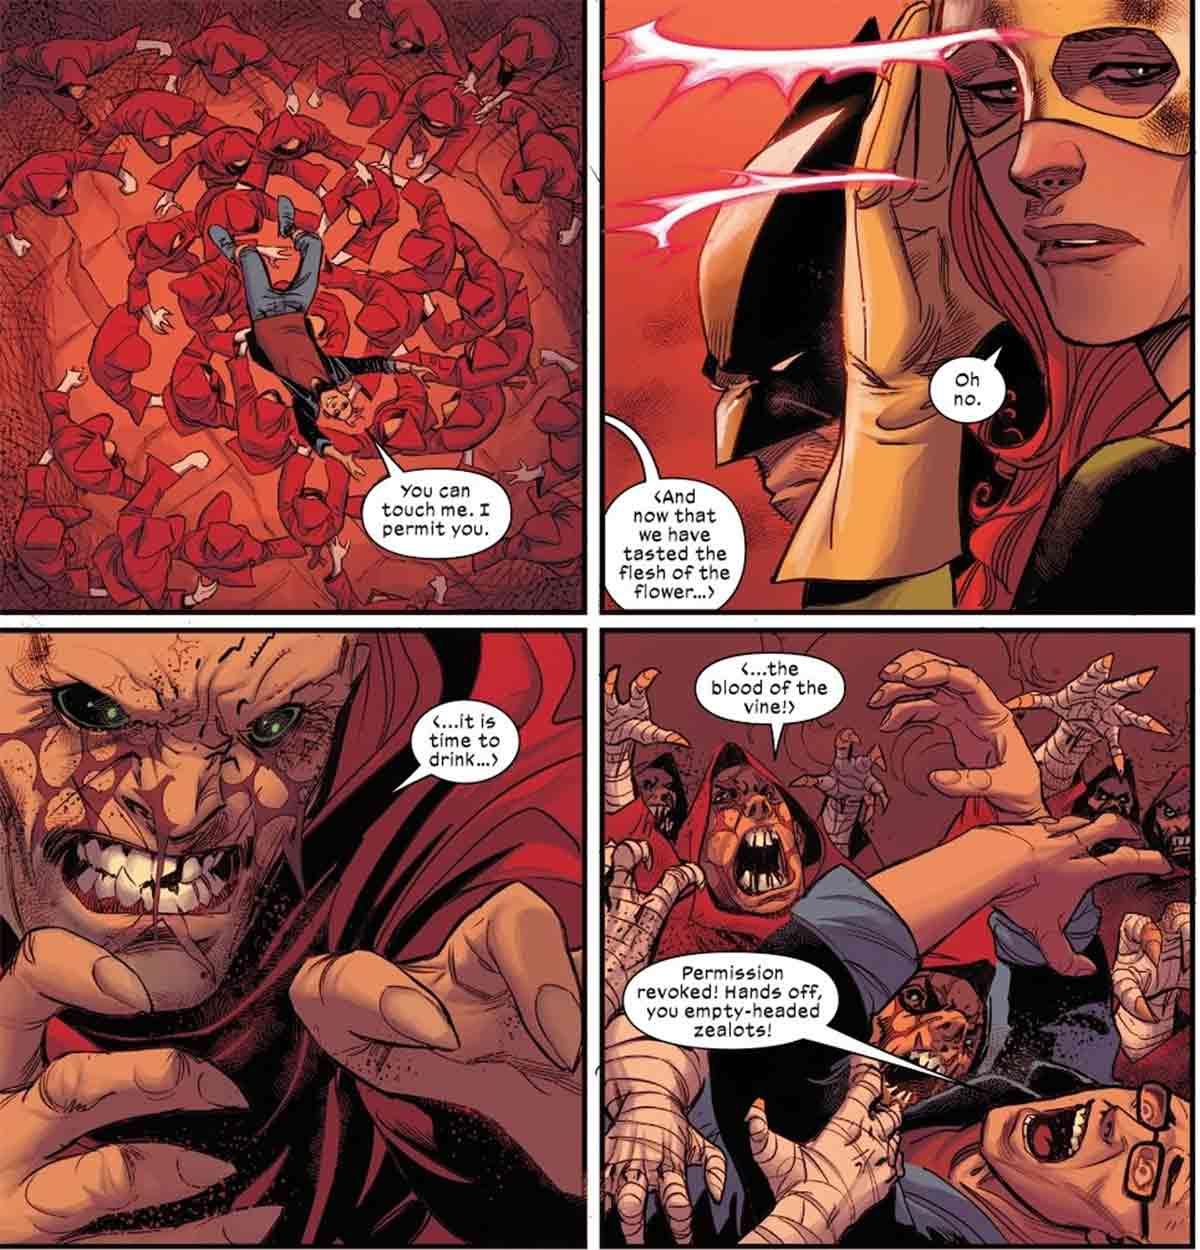 El mayor problema de los X-Men es que quieren comérselos